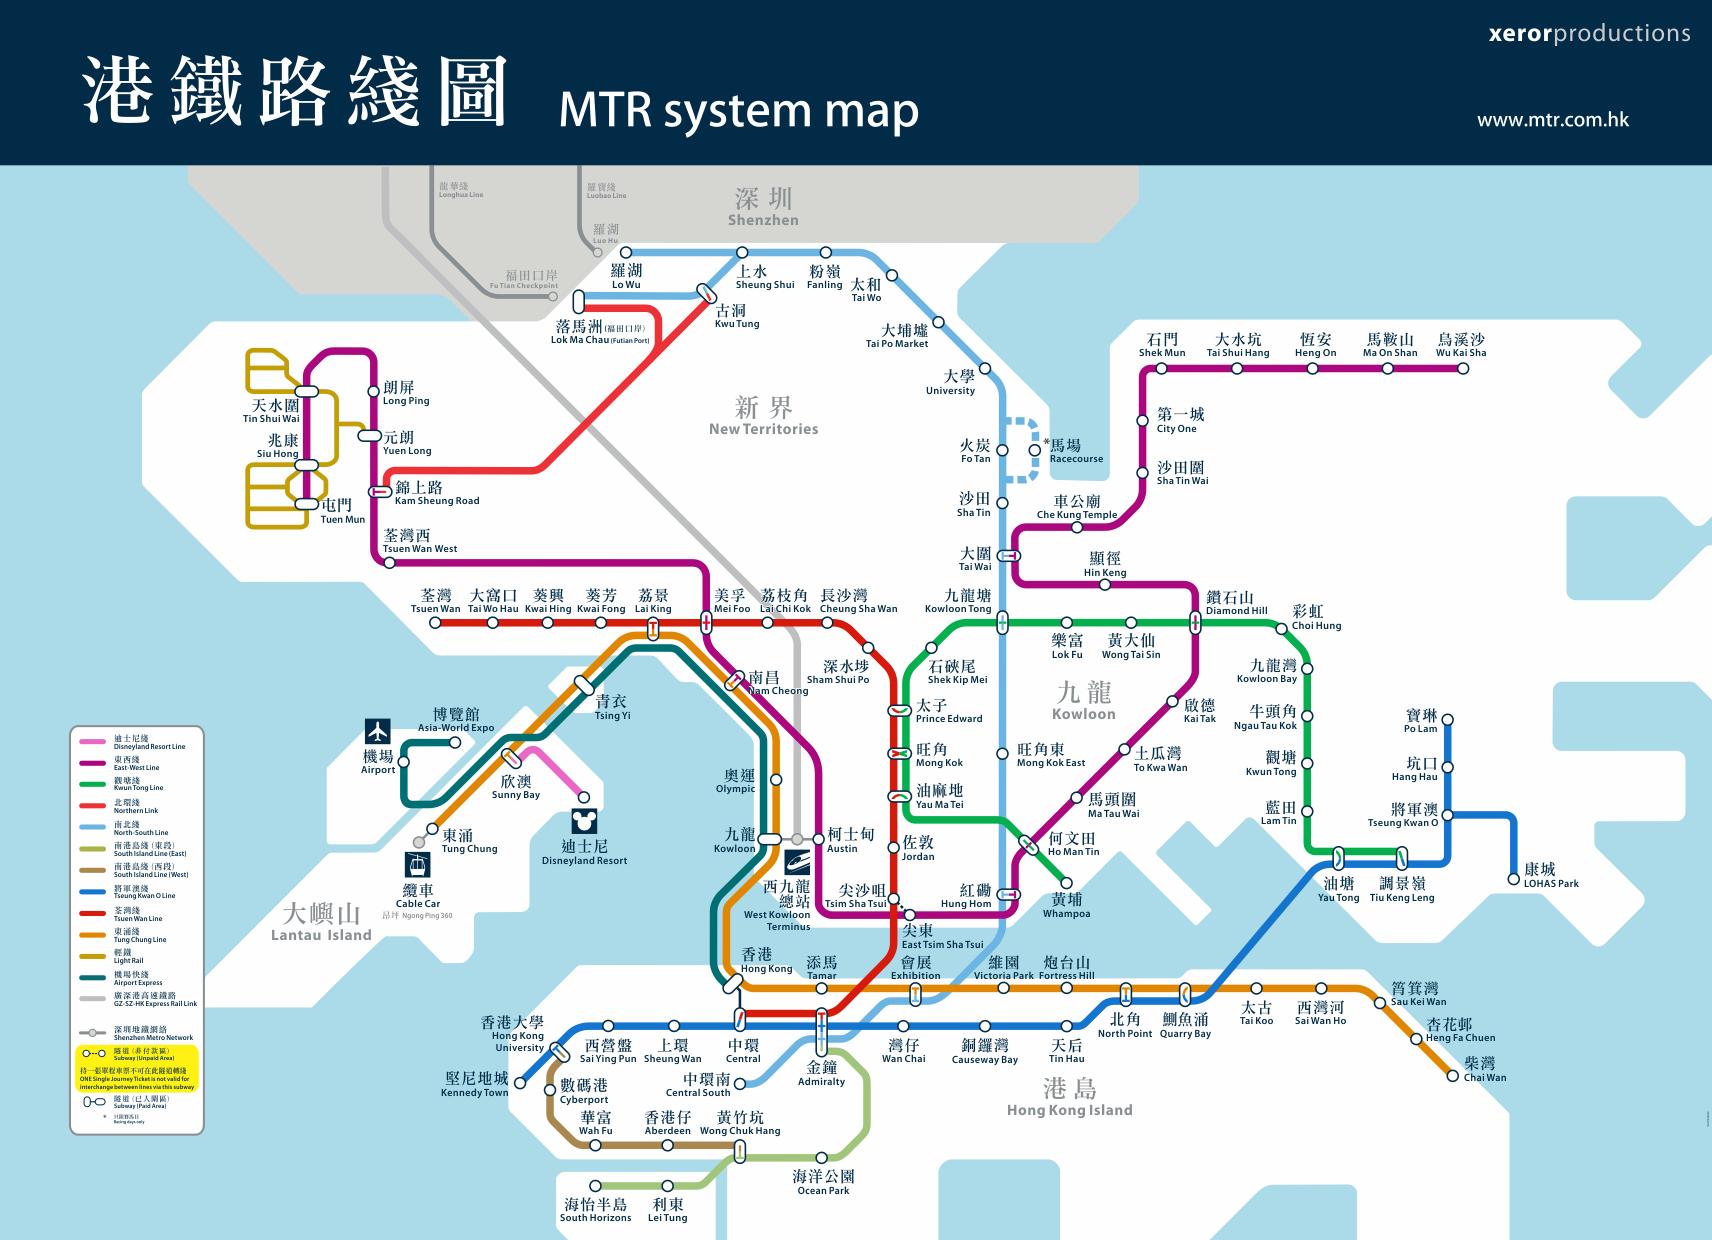 香港住哪里去机场方便